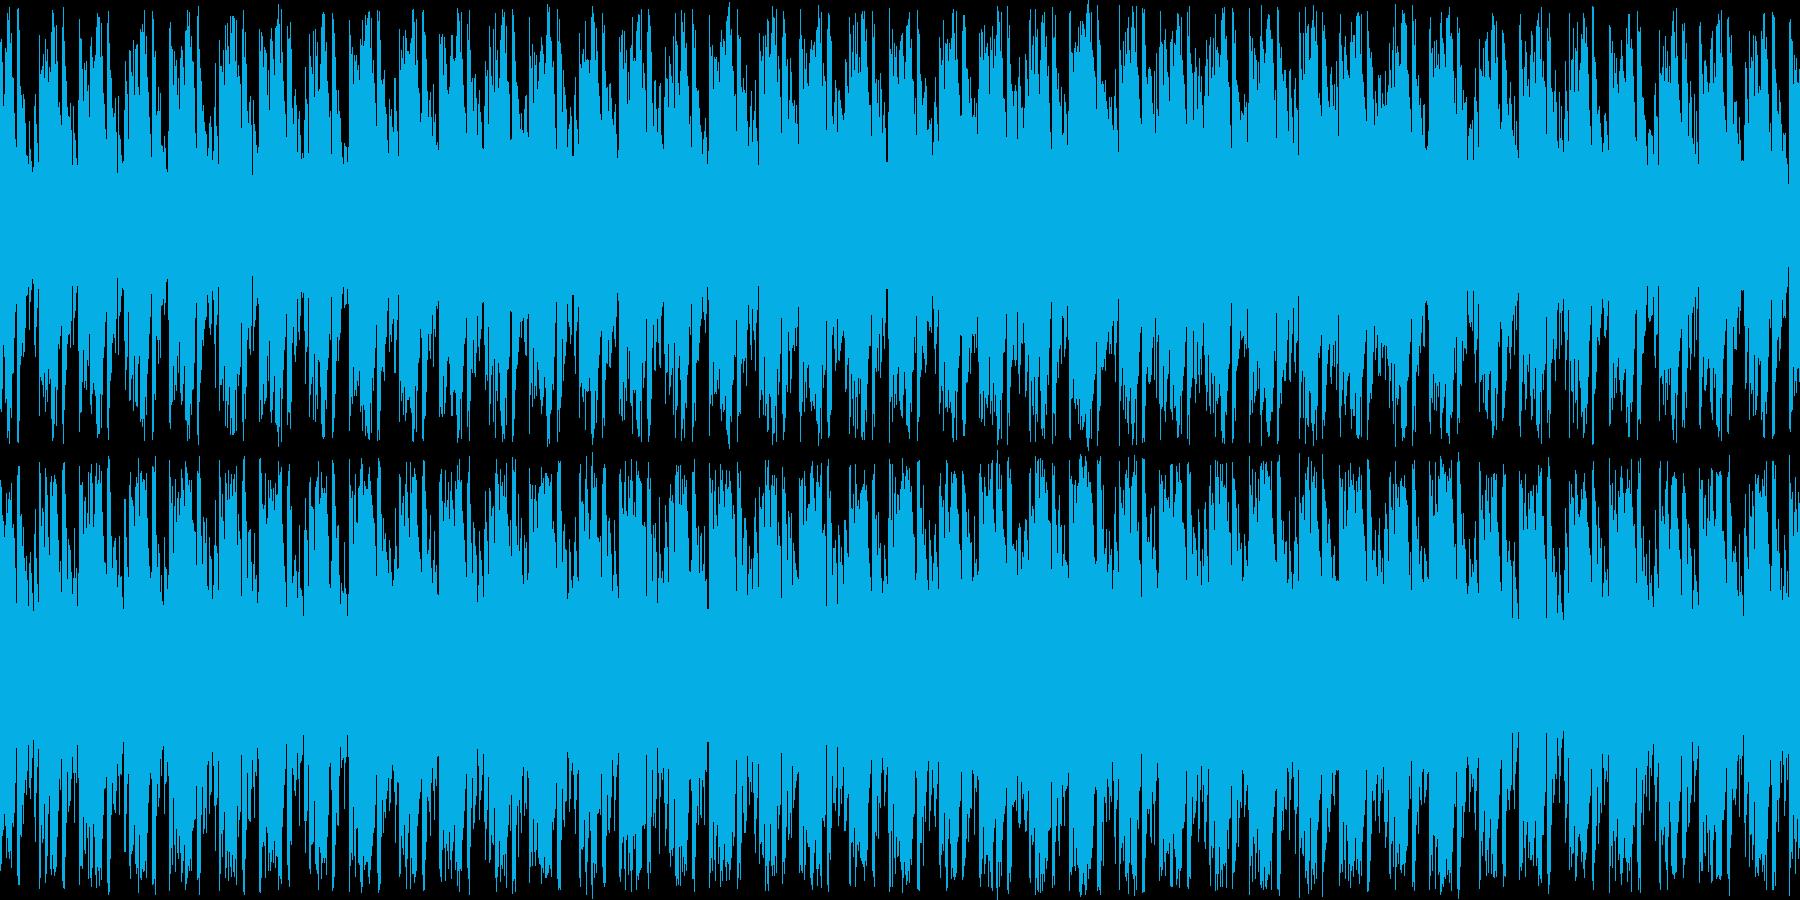 平和で明るめなフィールドBGMの再生済みの波形